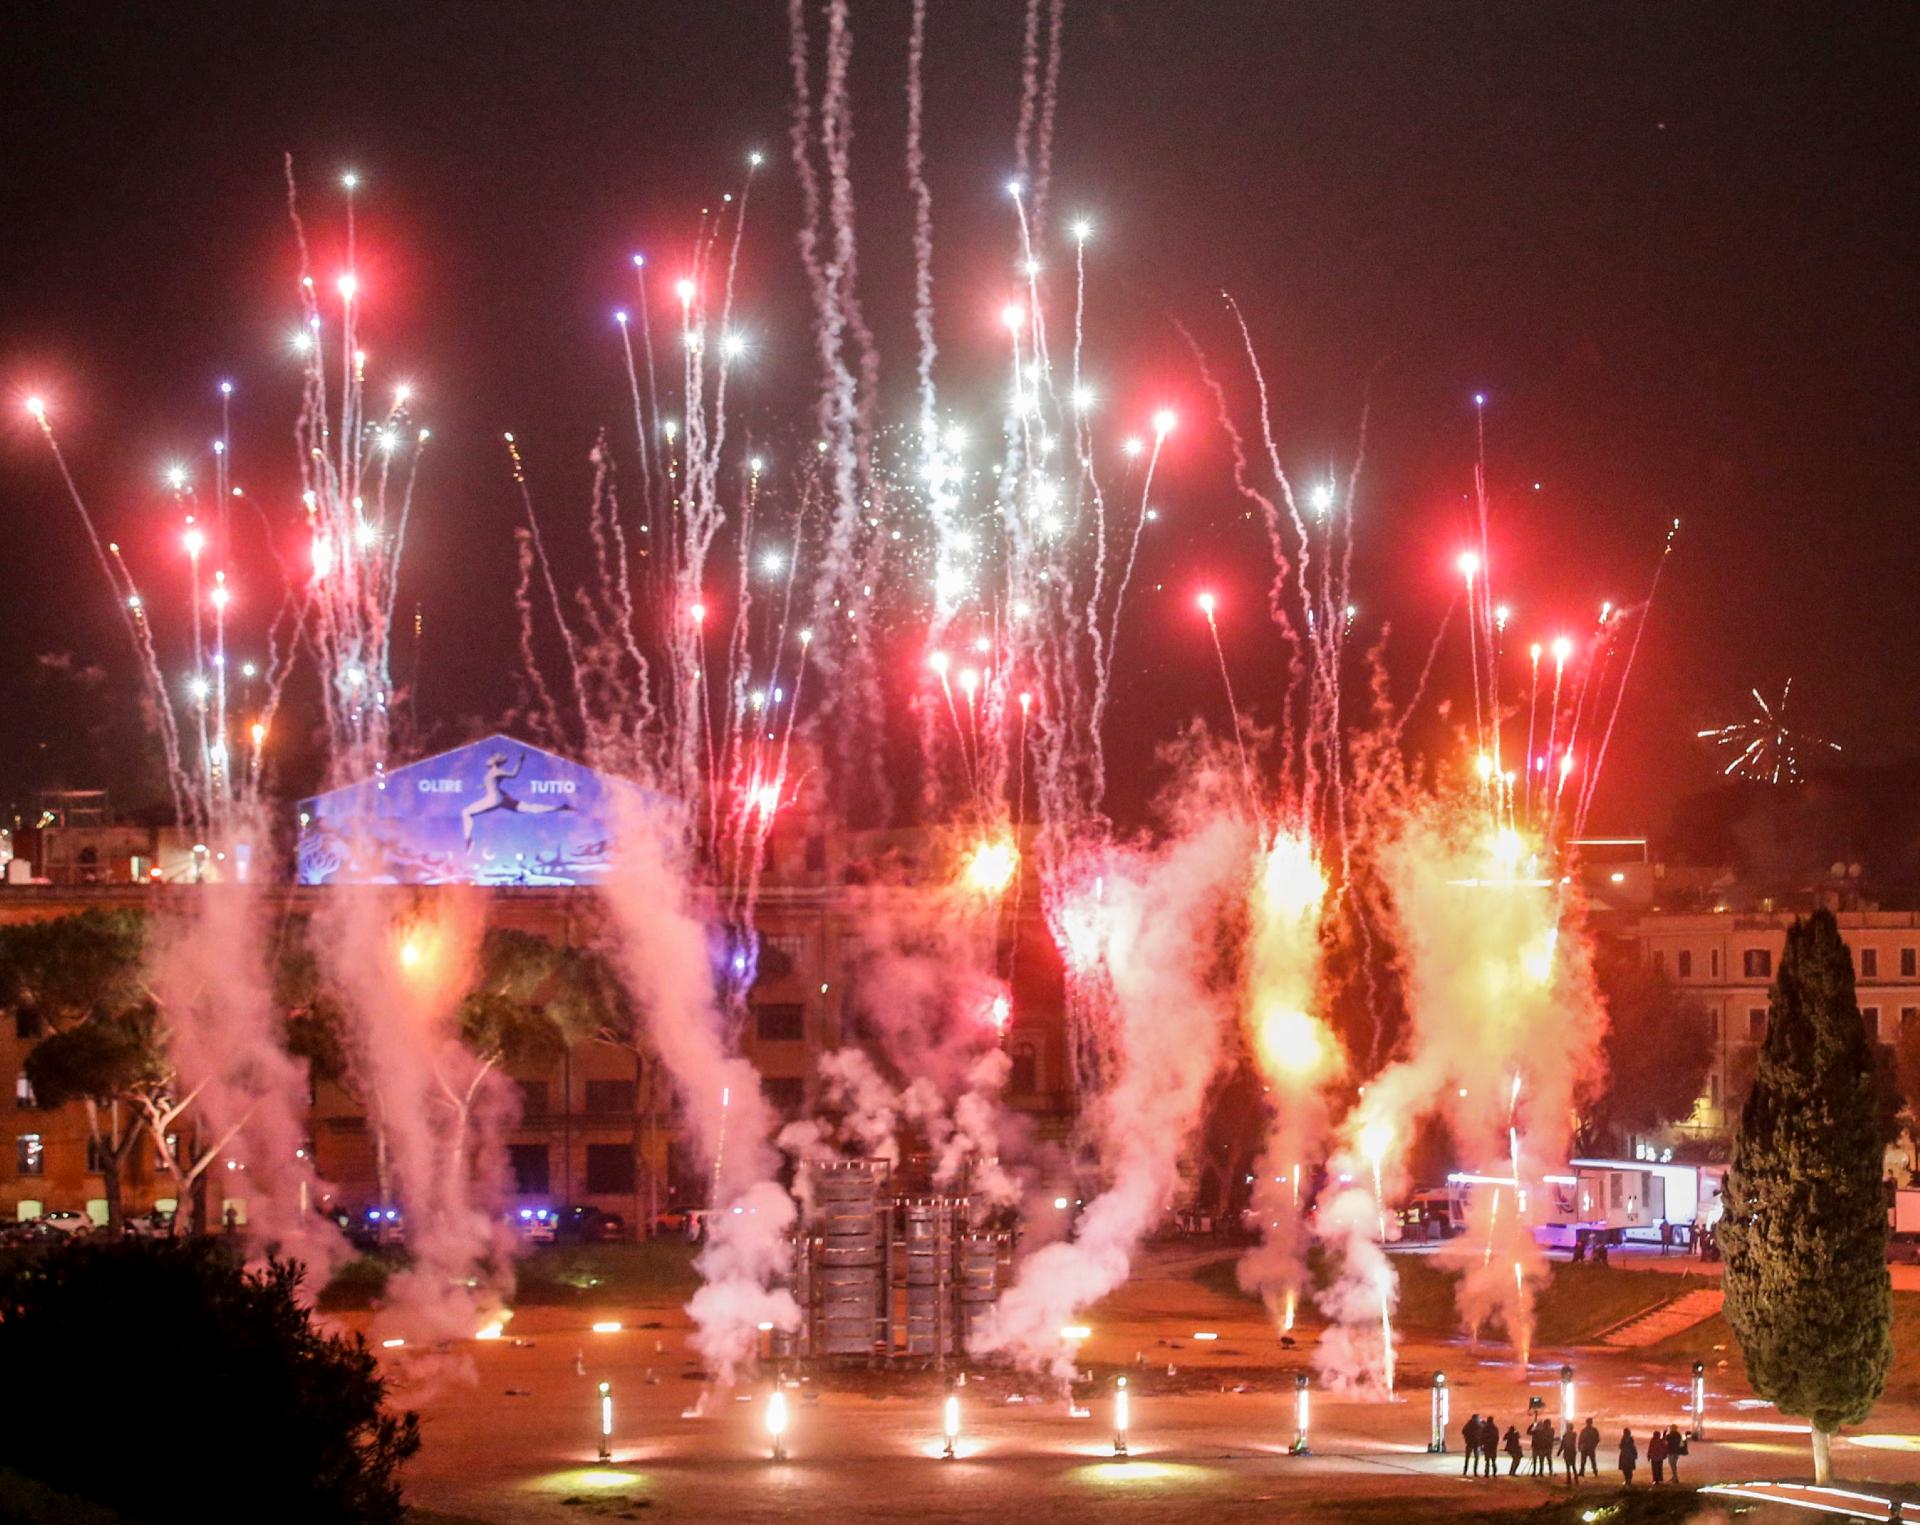 Празднование Нового года в Риме в условиях пандемии коронавируса